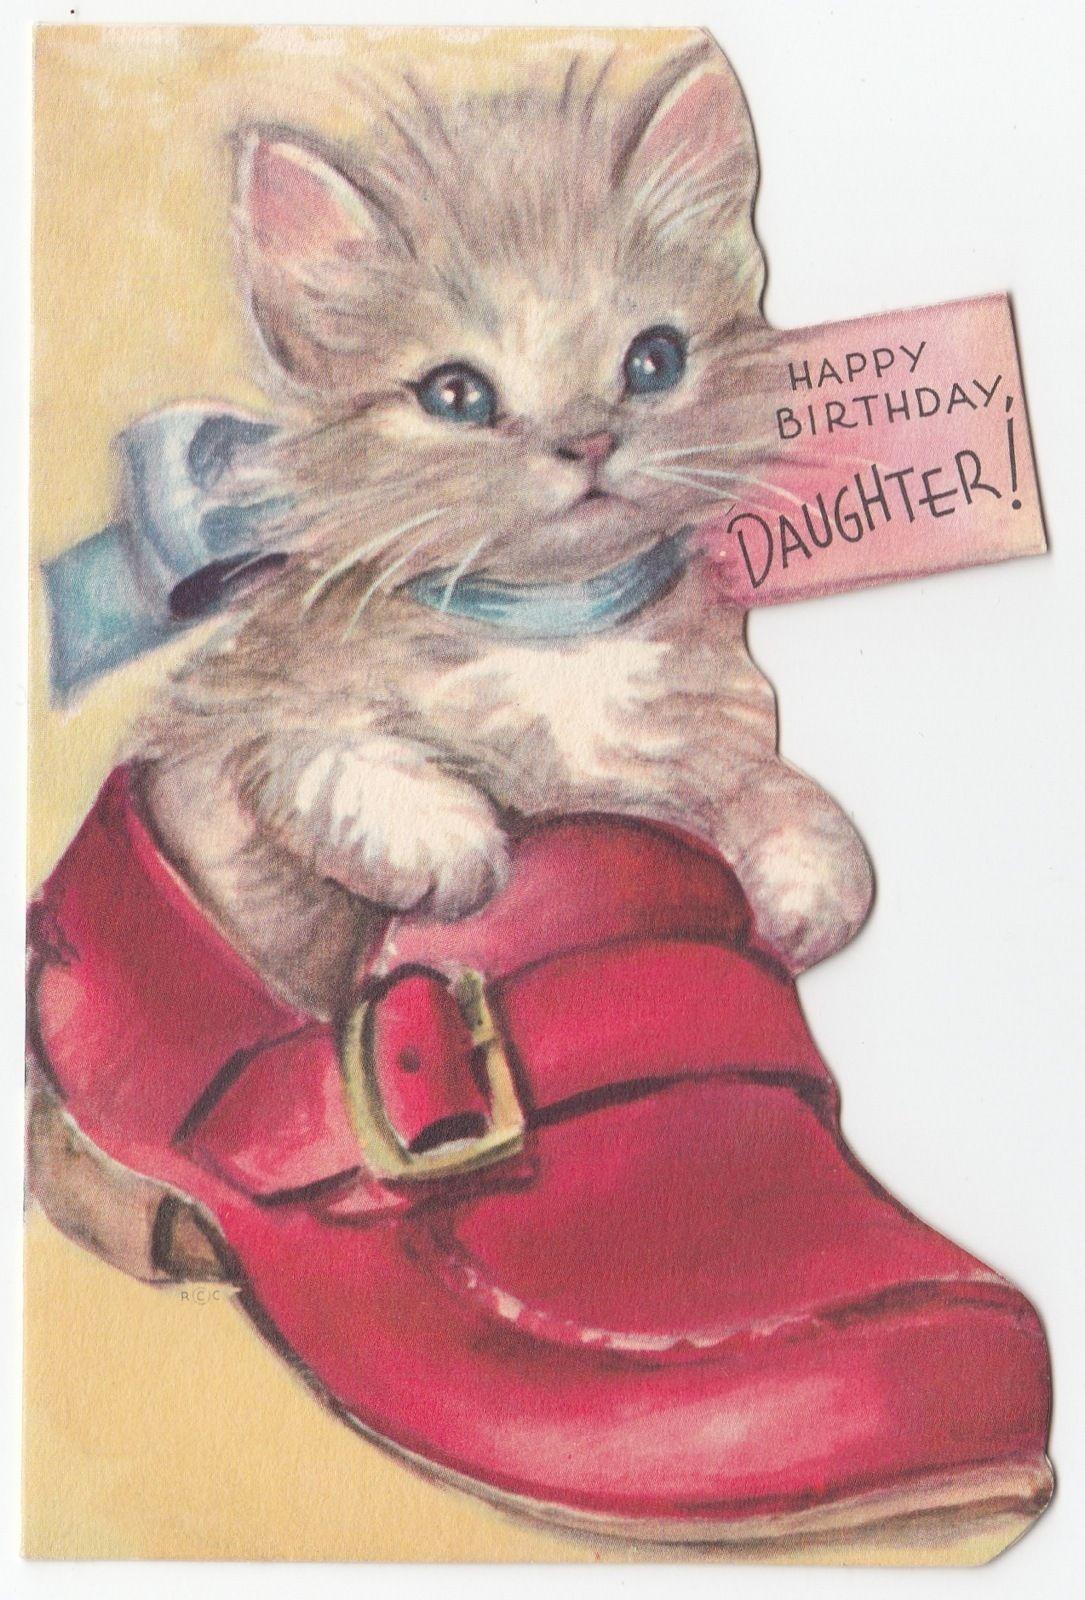 Vintage Greeting Card Cat Kitten Cute Shoe Loafer Die Cut Rust Craft 1940s J873 | eBay